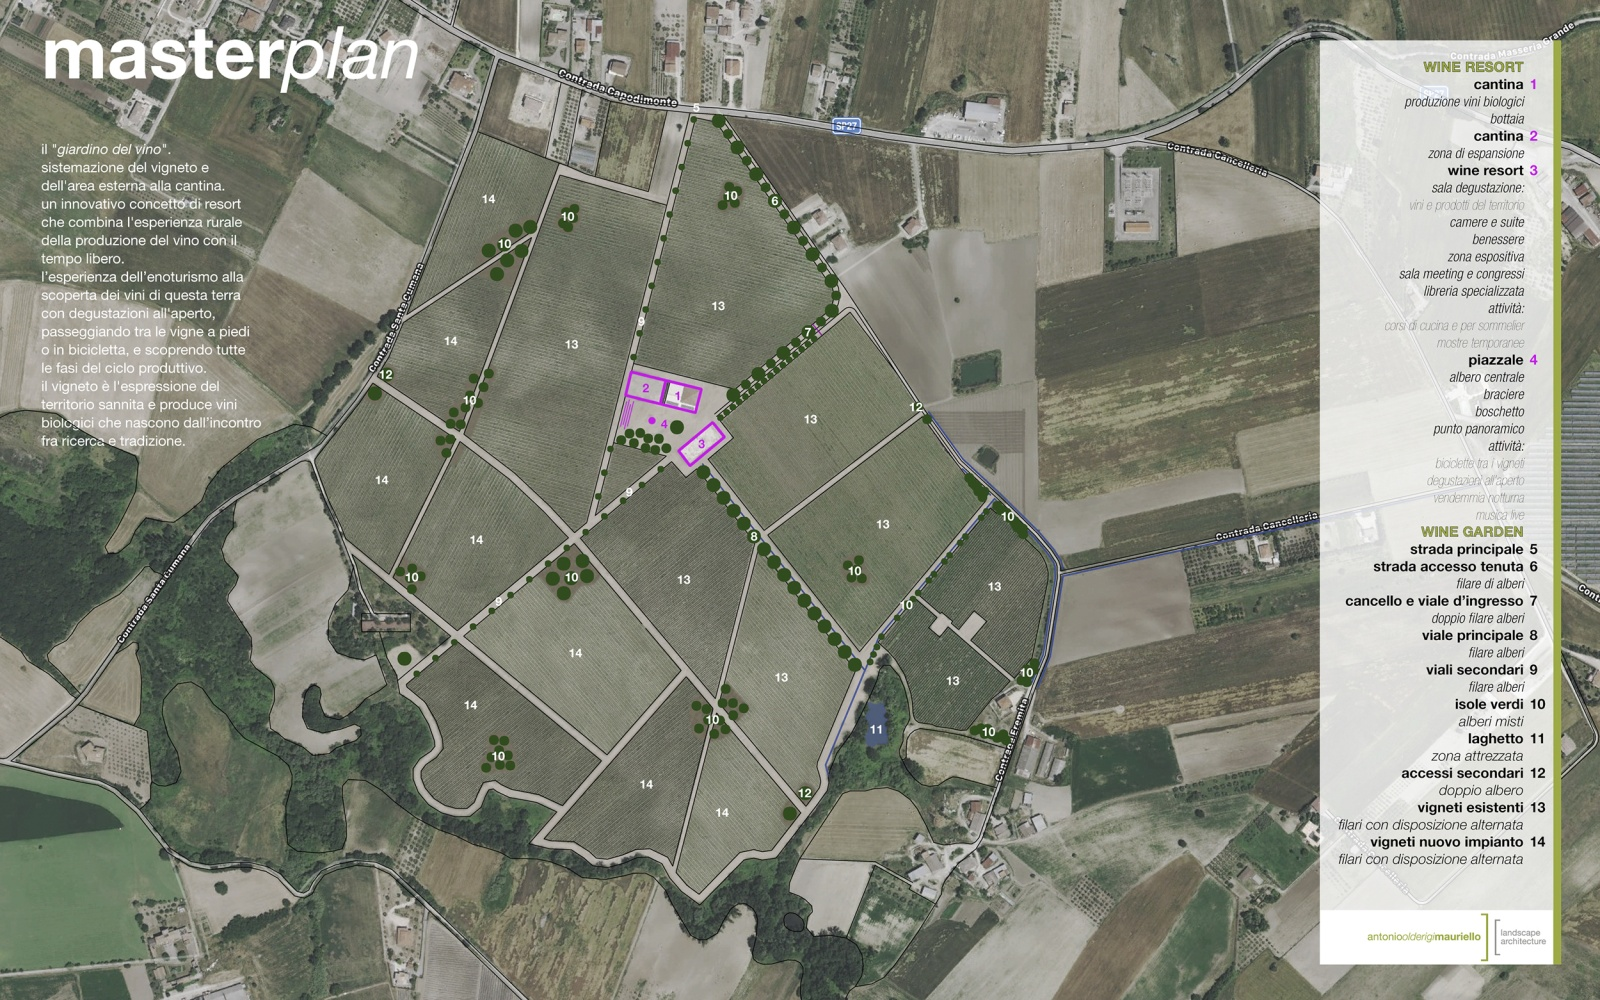 masterplan generale del progetto